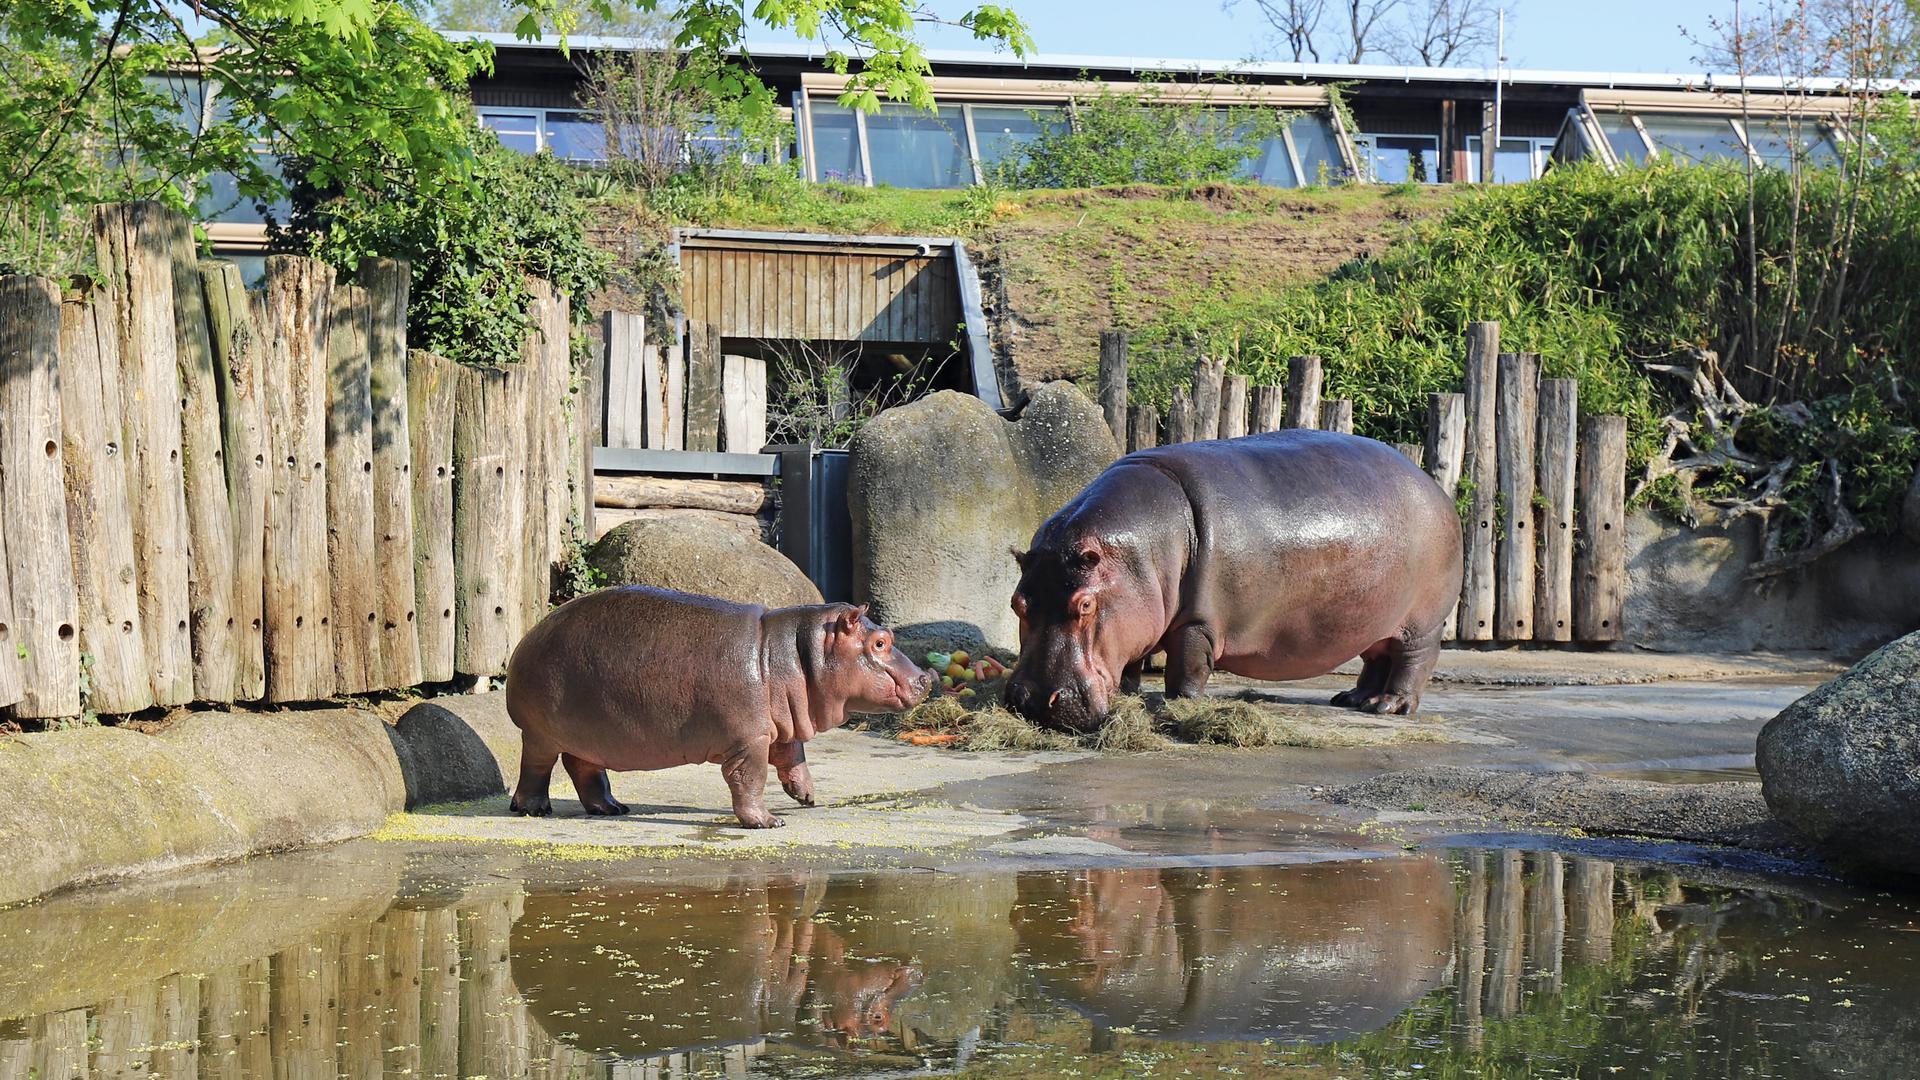 Publikumsliebling, den viele Zoofans vermissen: Zum kleinen Hippo Halloween gibt es jede Menge Anfragen an den Karlsruher Zoo.